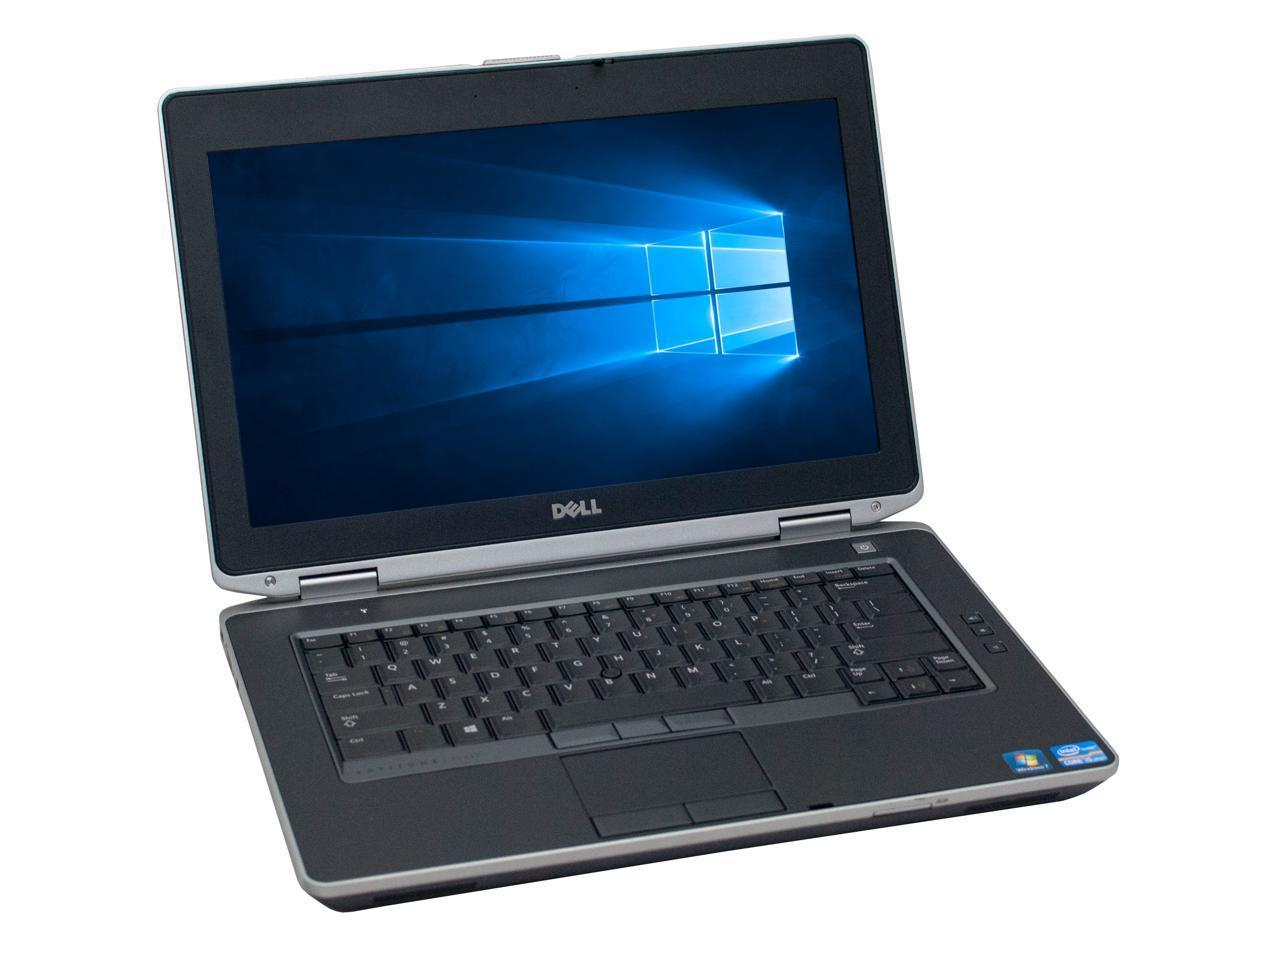 Ноутбук Dell Latitude E6430-Intel Core i5-3320M-2,6GHz-4Gb-DDR3-320Gb-HDD-W14-Web-(С)- Б/У